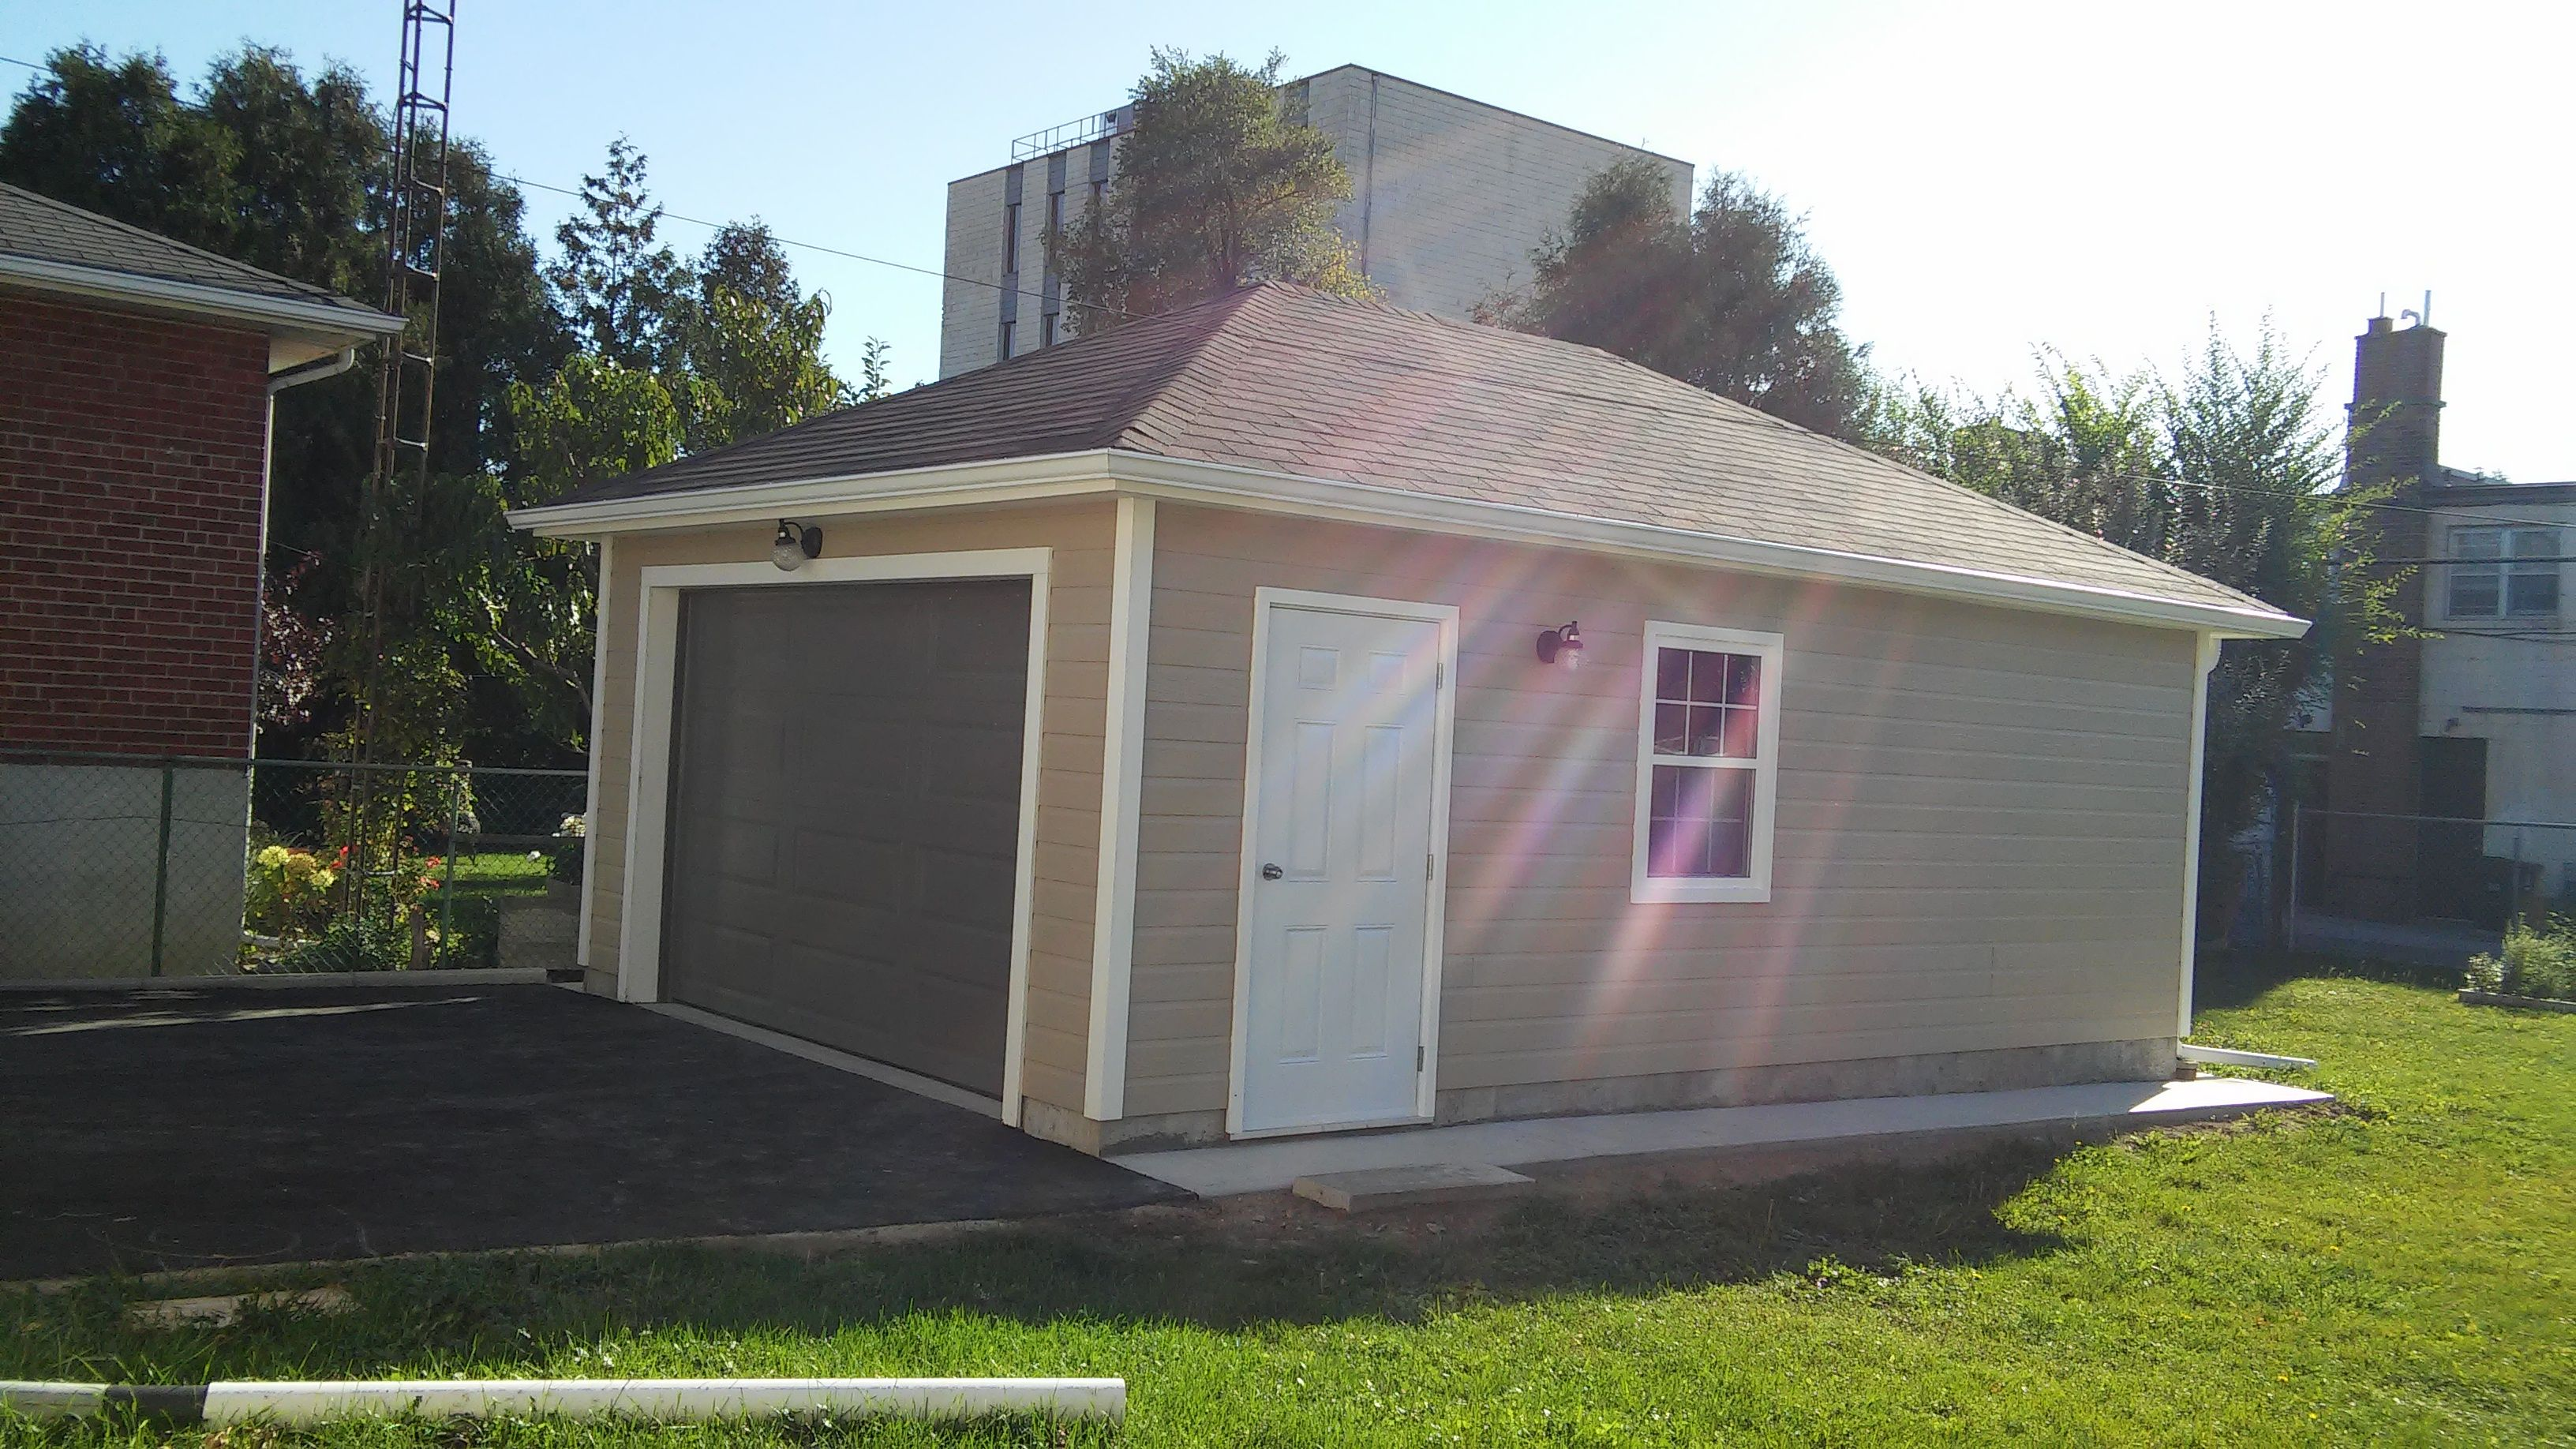 16 X 24 Archer Garage In North York Ontario Garage Plans Building Design Building Plans